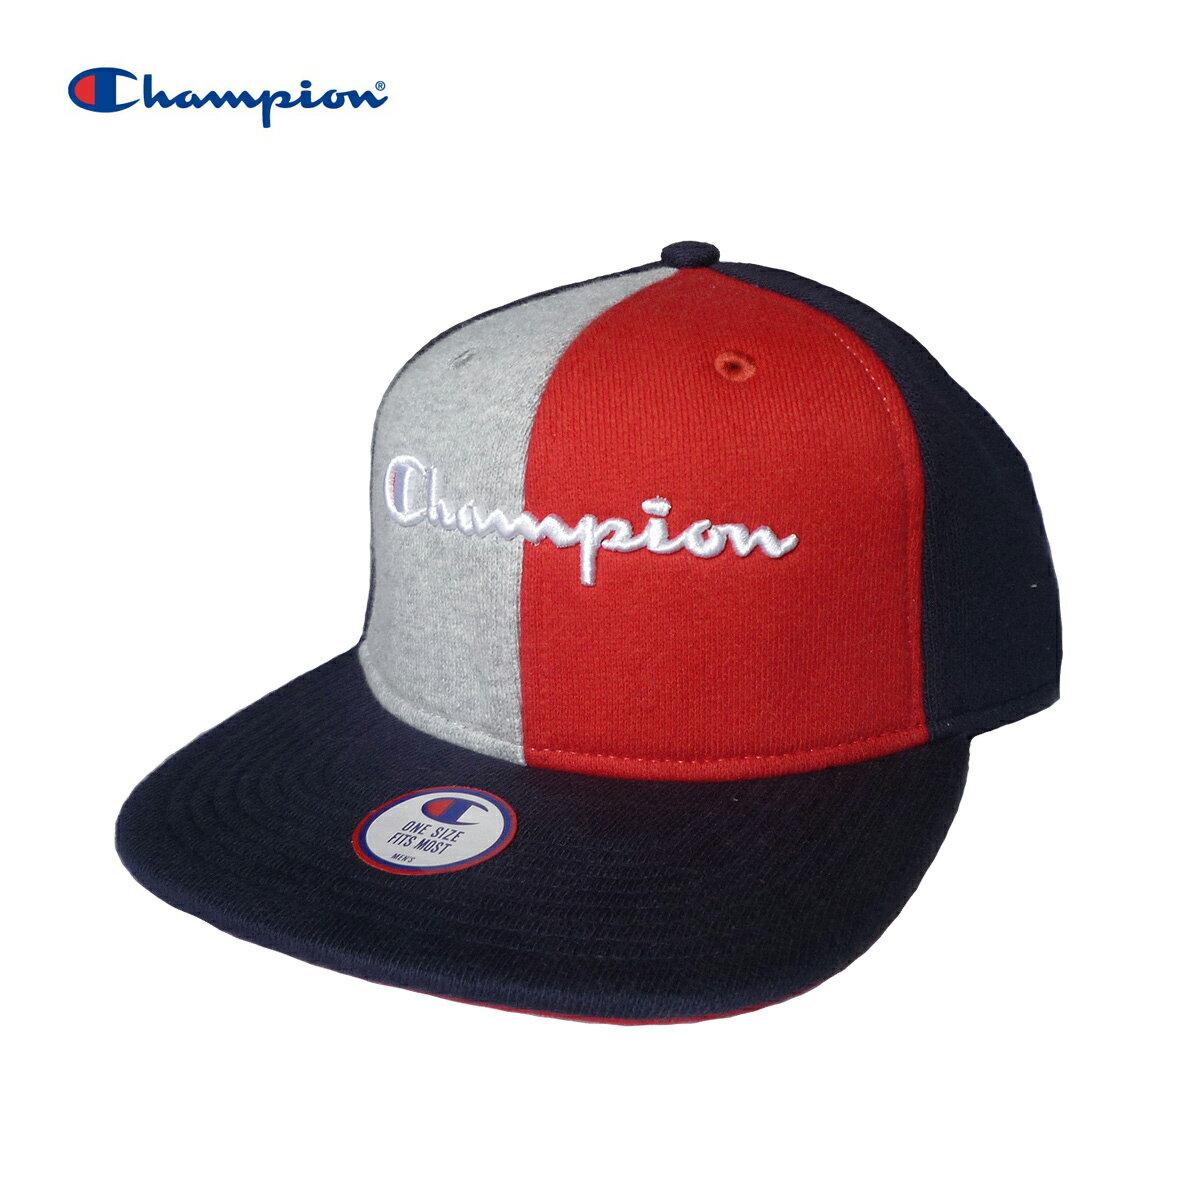 Champion LIFE リバースウィーブ ハット